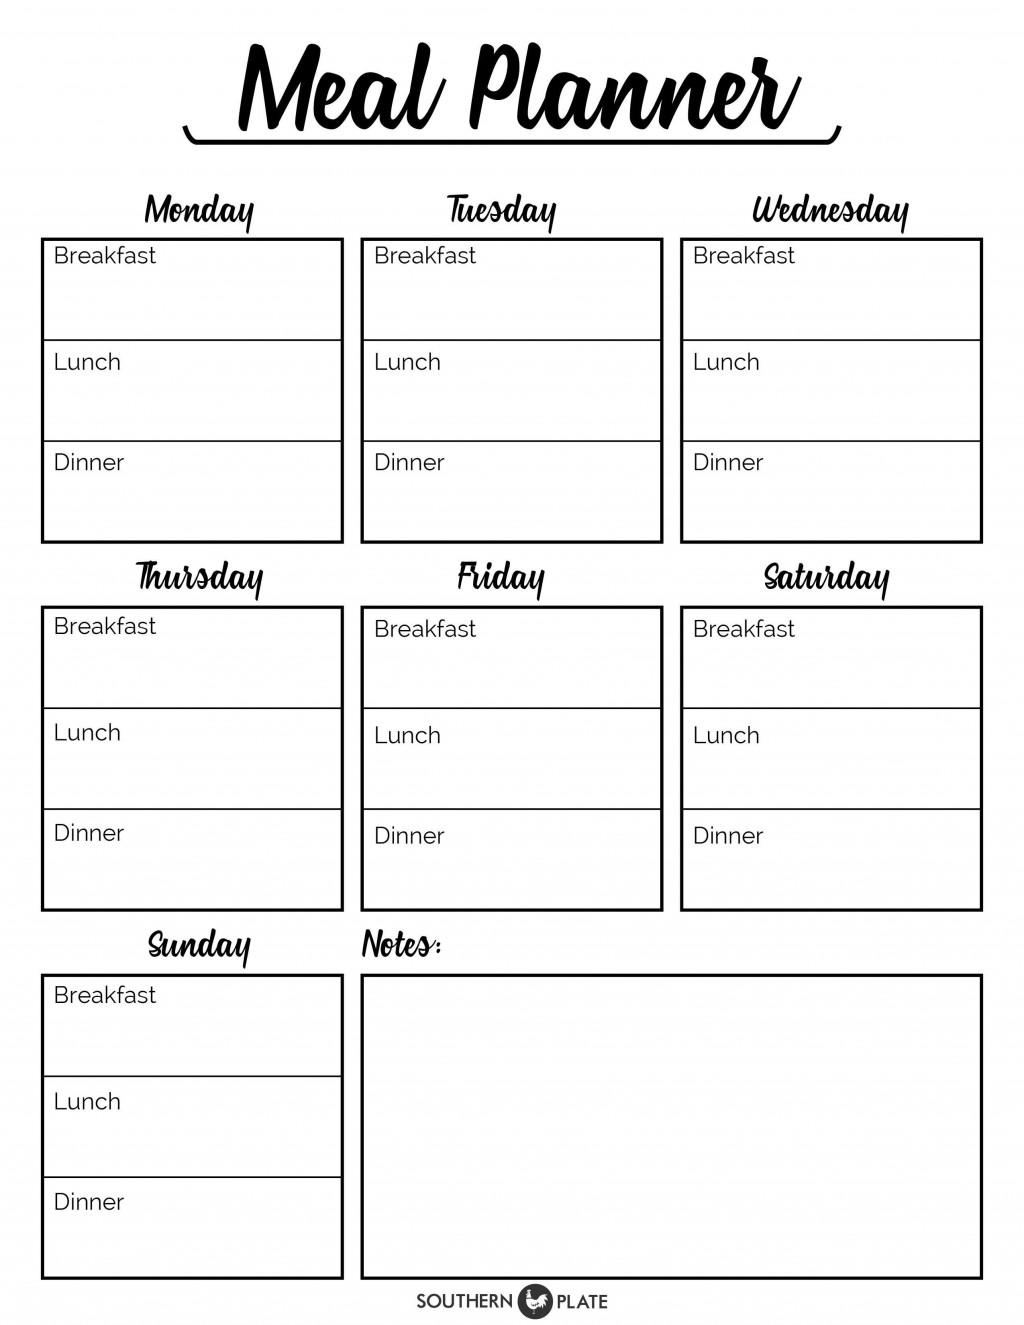 001 Beautiful Meal Plan Template Pdf High Definition  Printable Diabetic Sample Weekly Planning WorksheetLarge